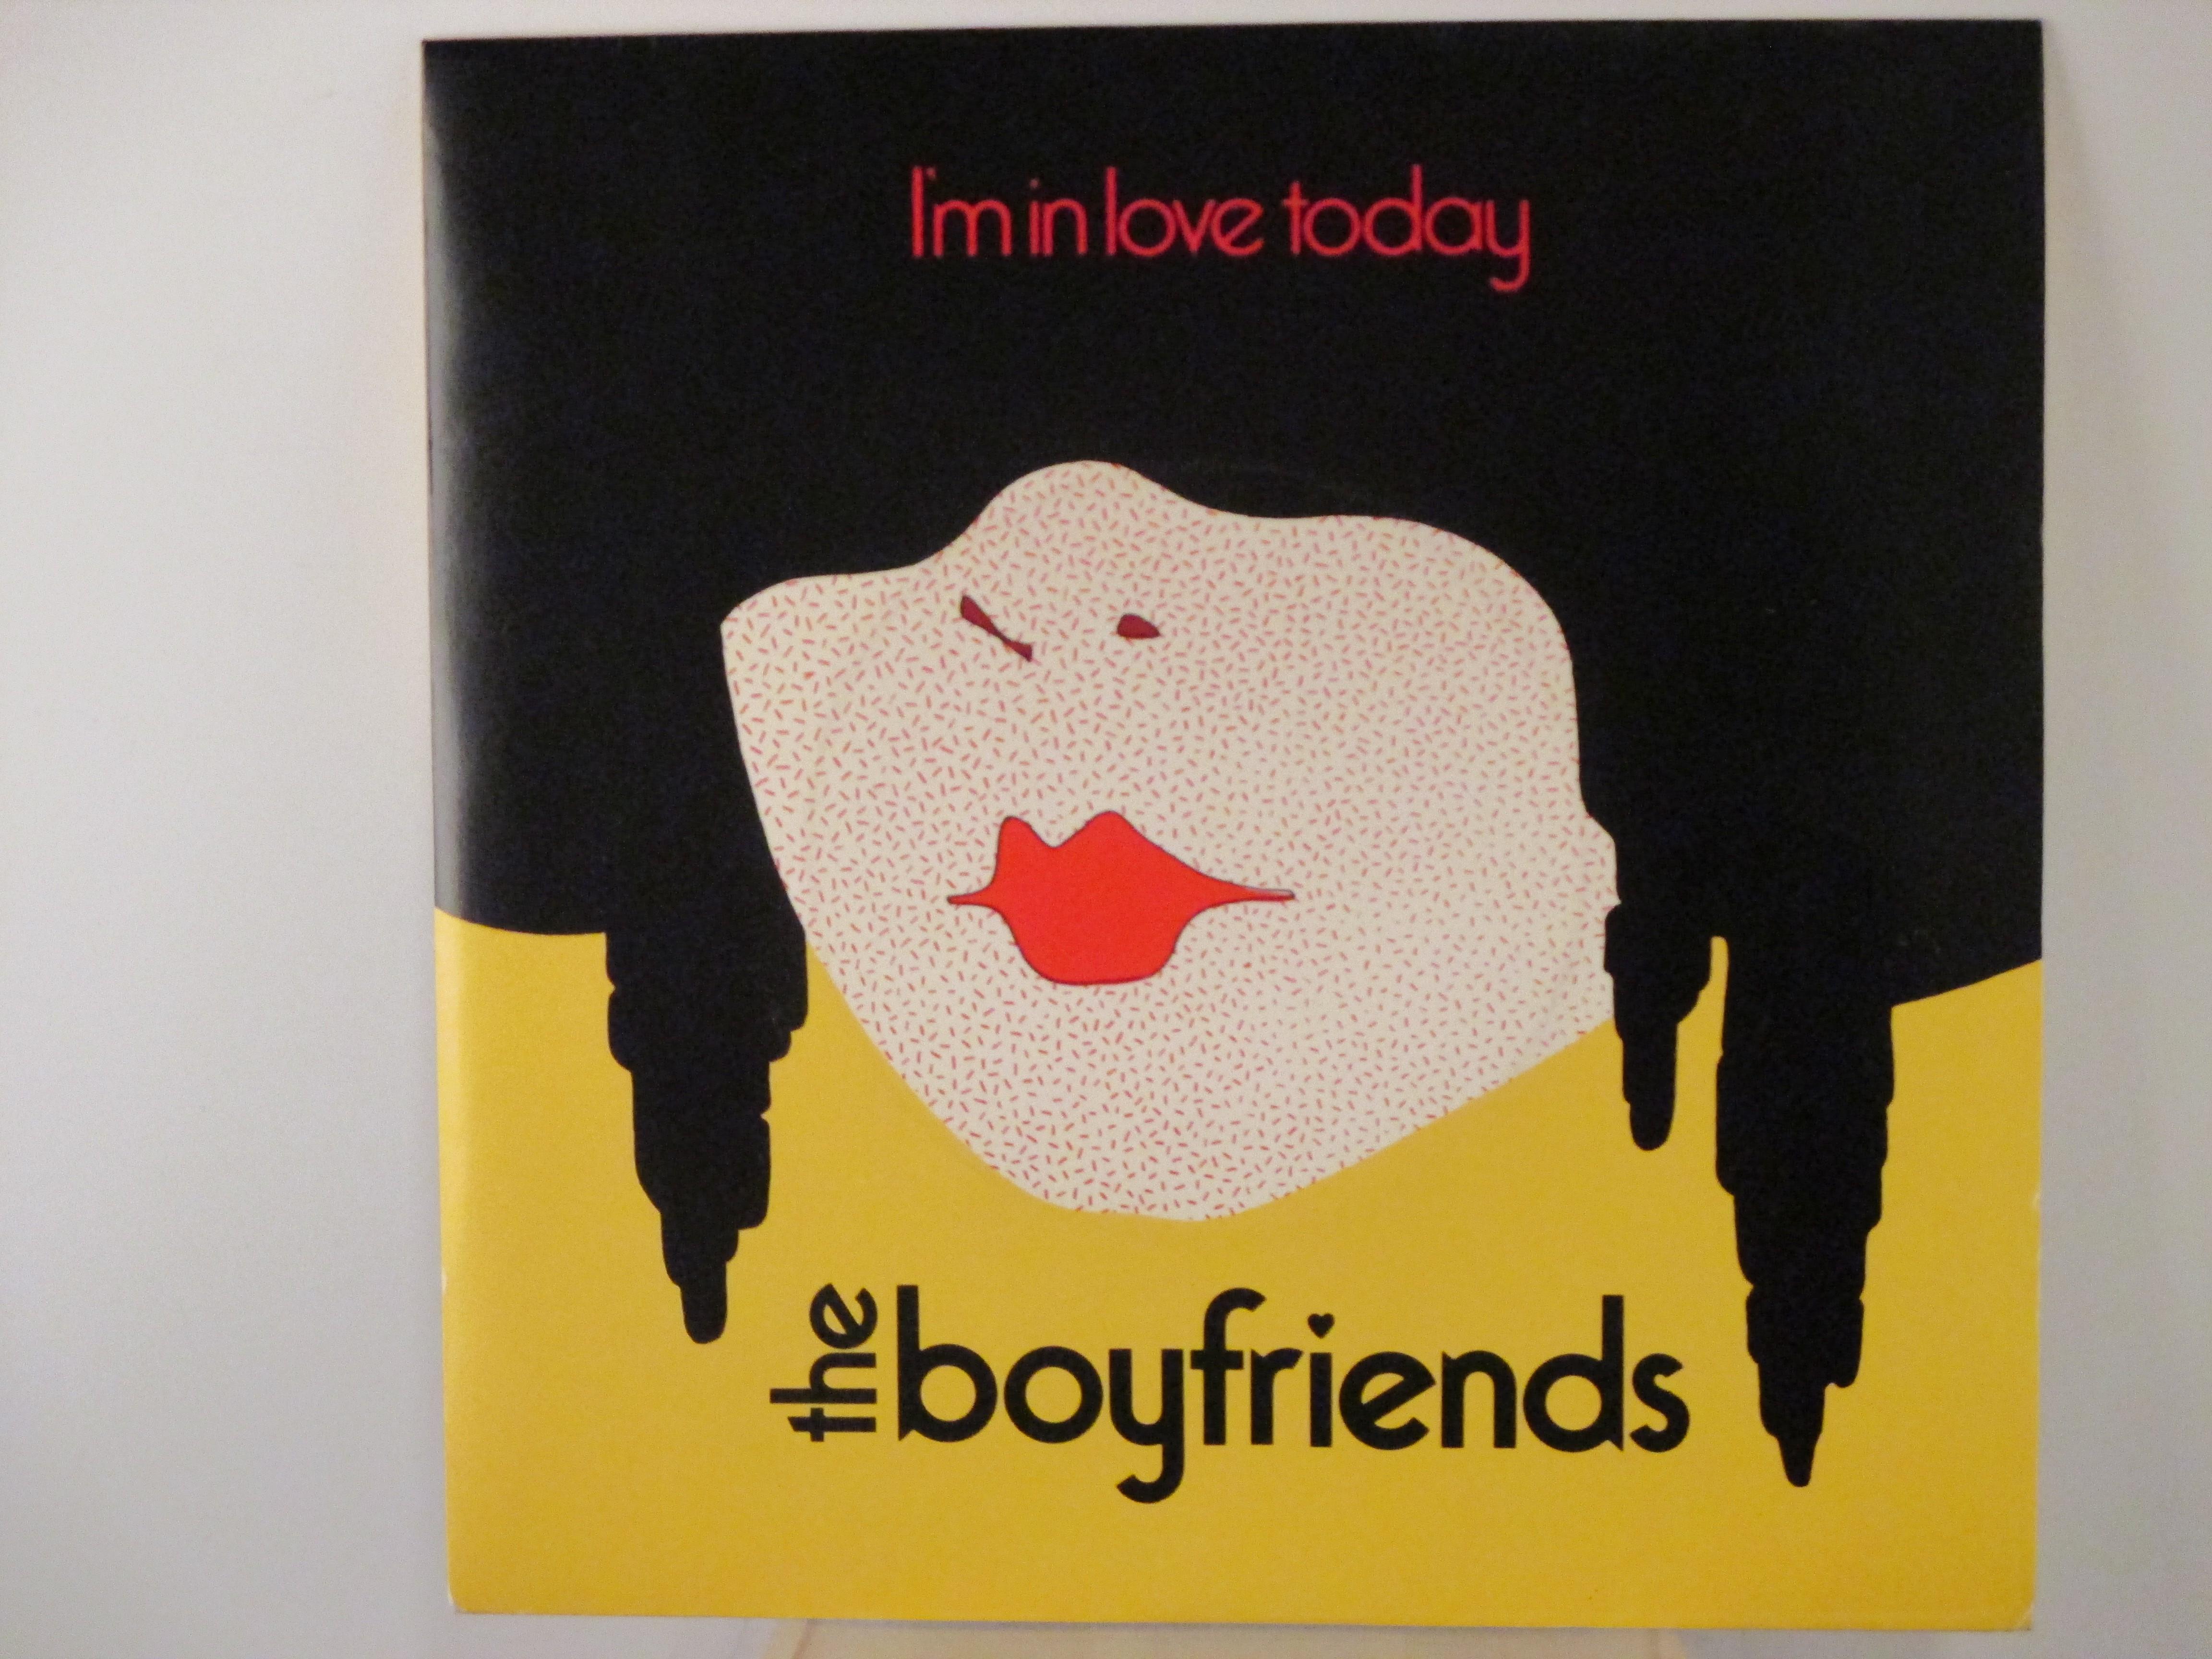 BOYFRIENDS : I'm in love today / Saturday night